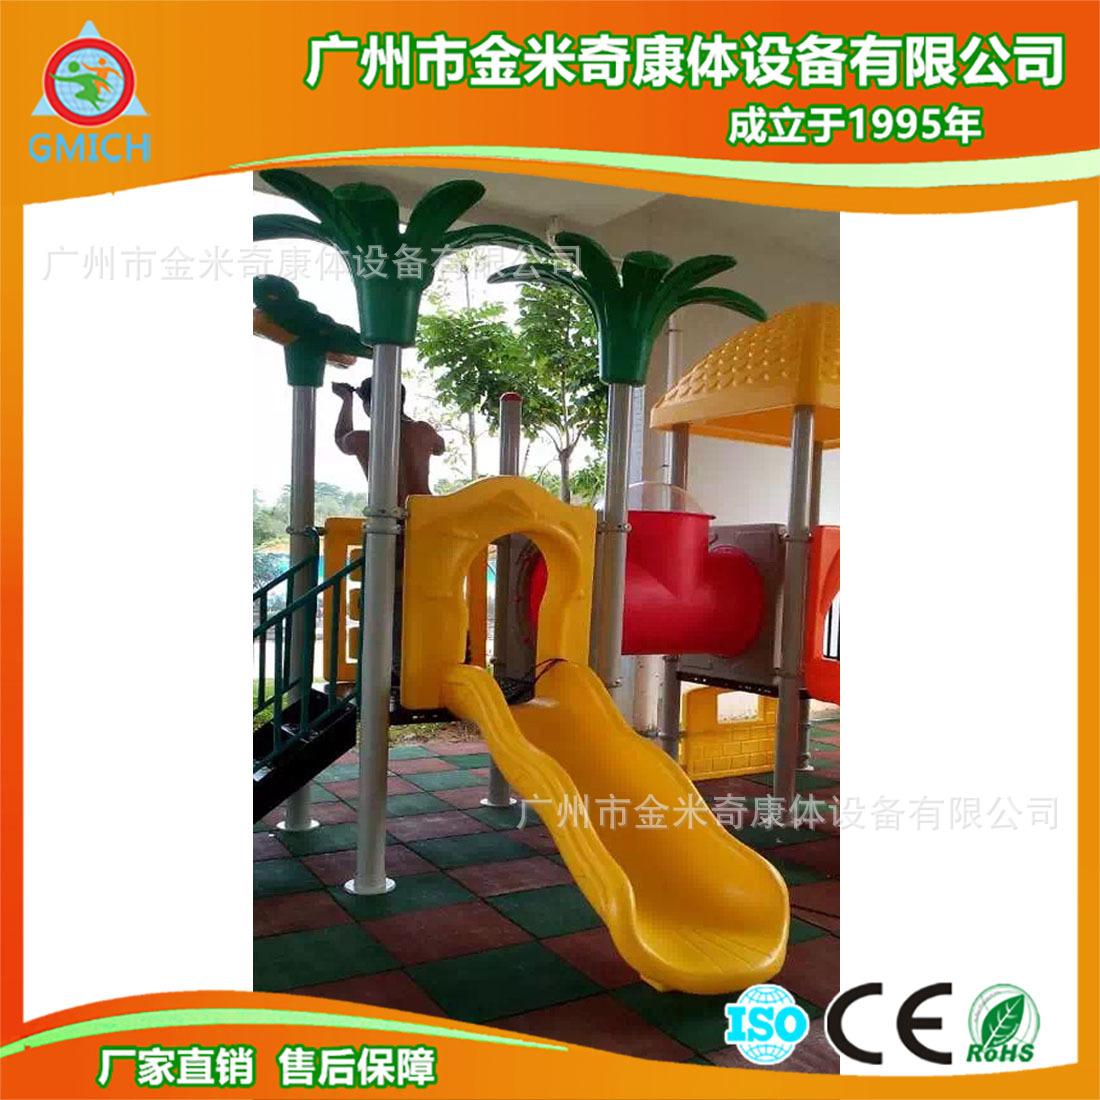 供应短波浪橙色单滑道滑滑梯 儿童游乐设施工程塑料滑梯配件